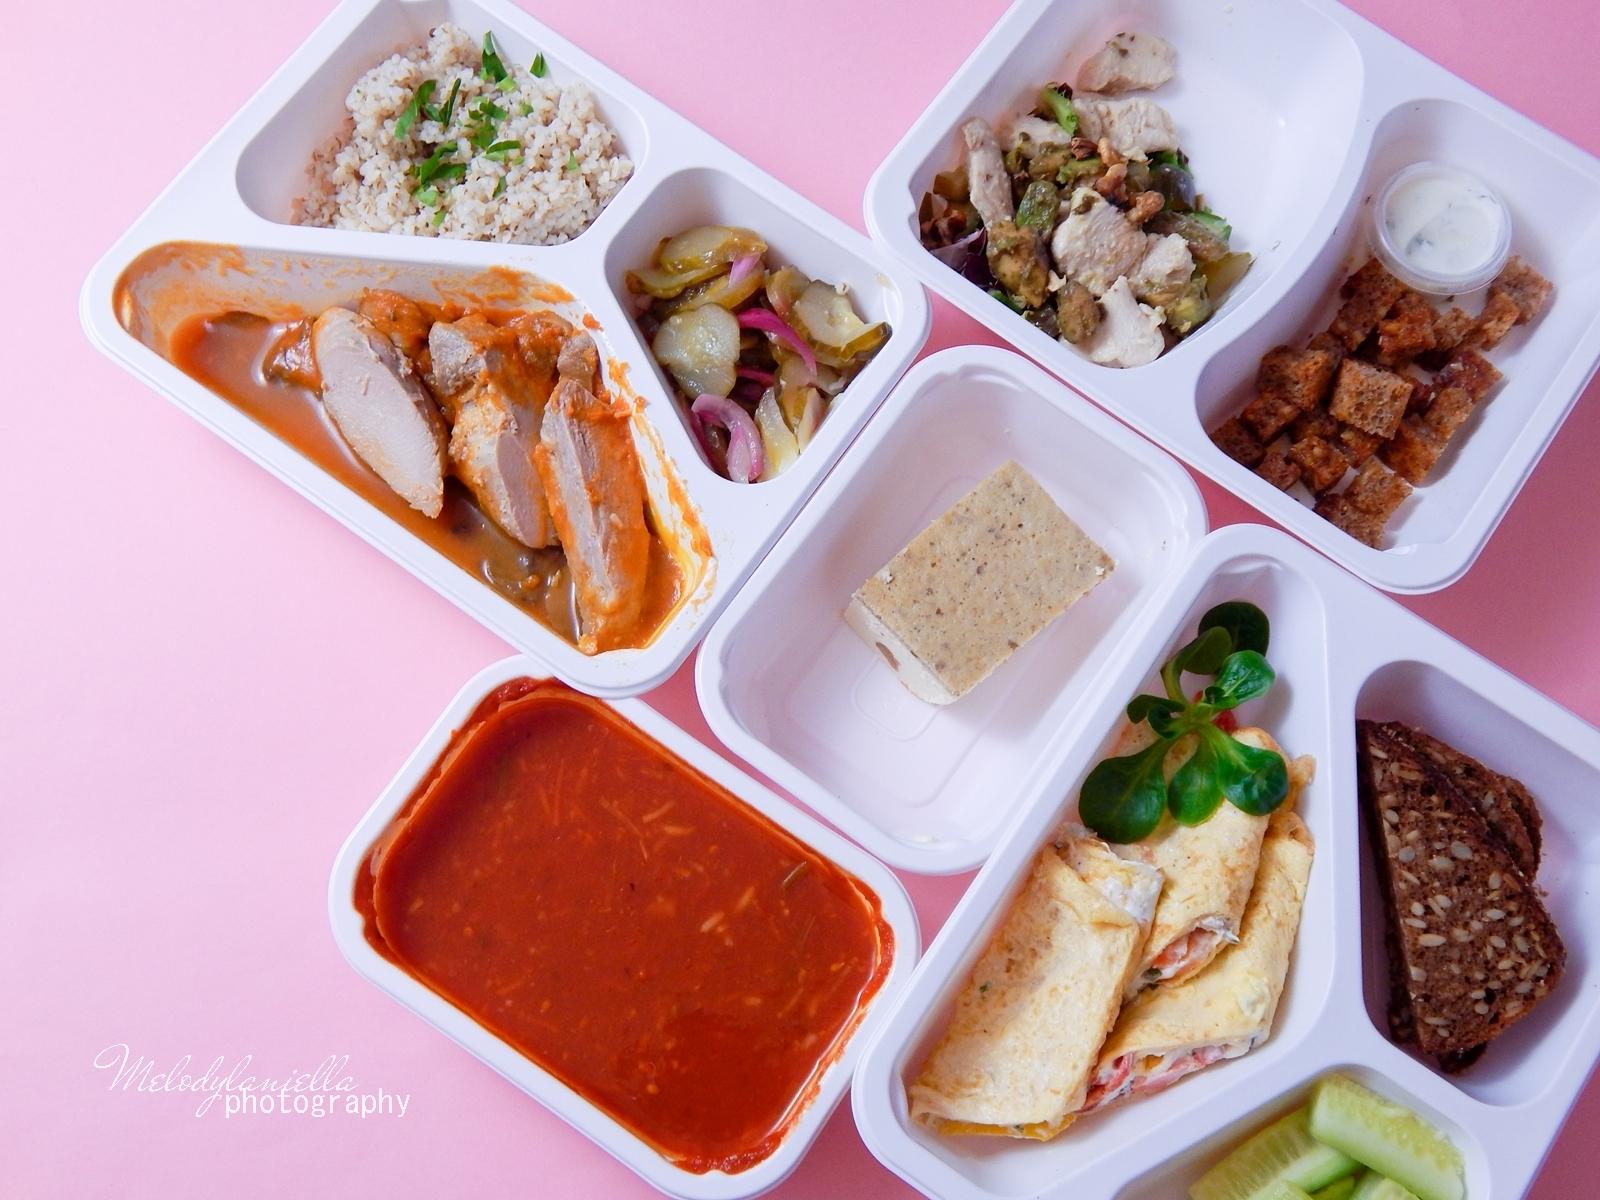 004 cateromarket dieta pudełkowa catering dietetyczny dieta jak przejść na dietę catering z dowozem do domu dieta kalorie melodylaniella dieta na cały dzień jedzenie na cały dzień catering do domu